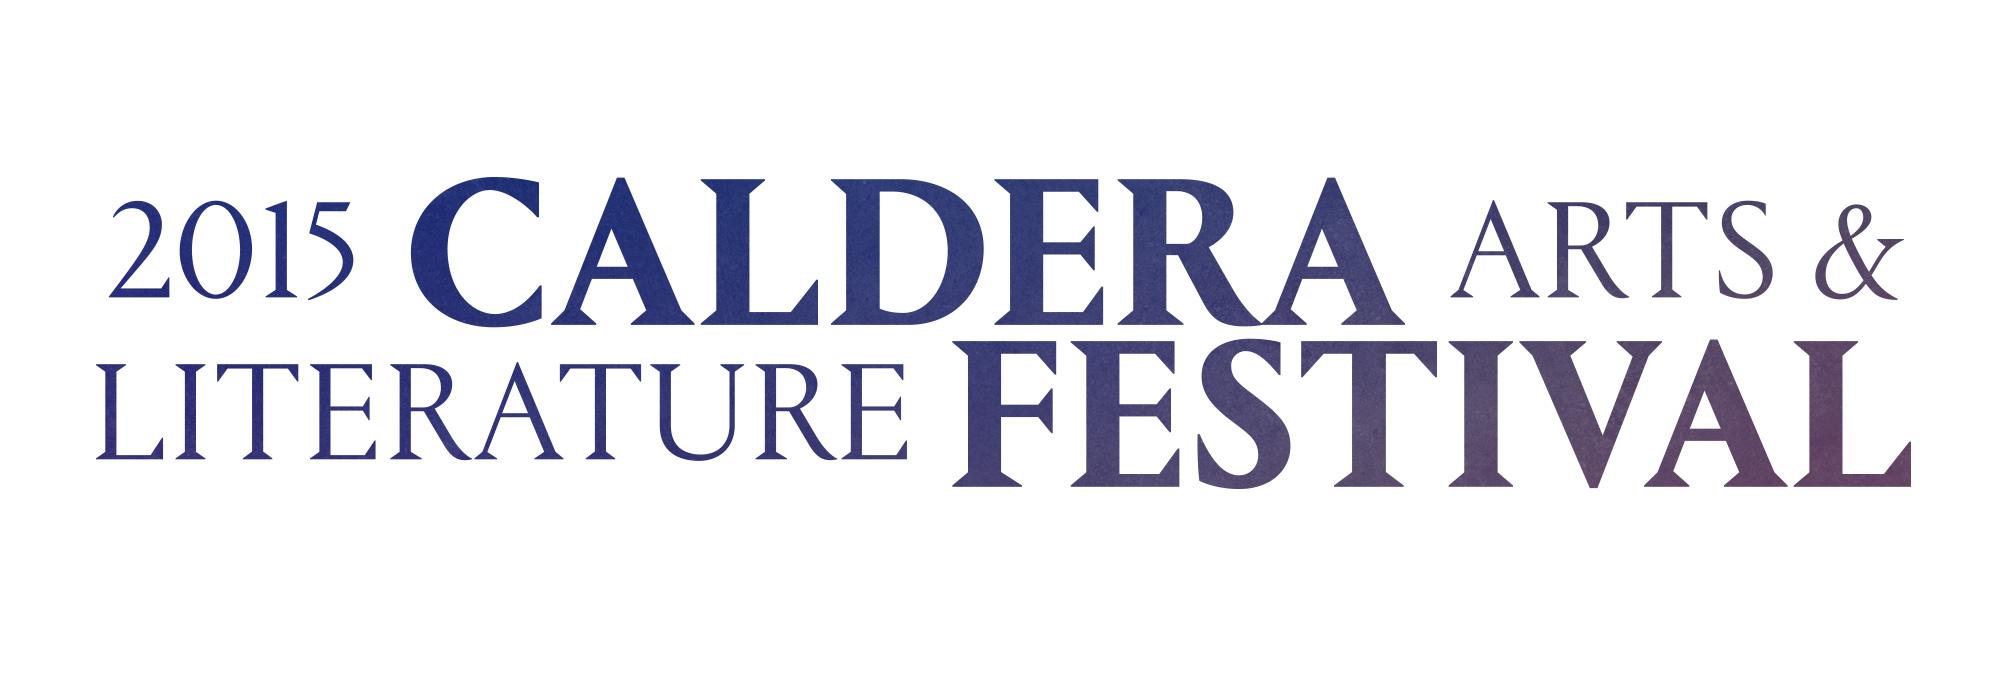 2015 Caldera Arts & Literature Festival